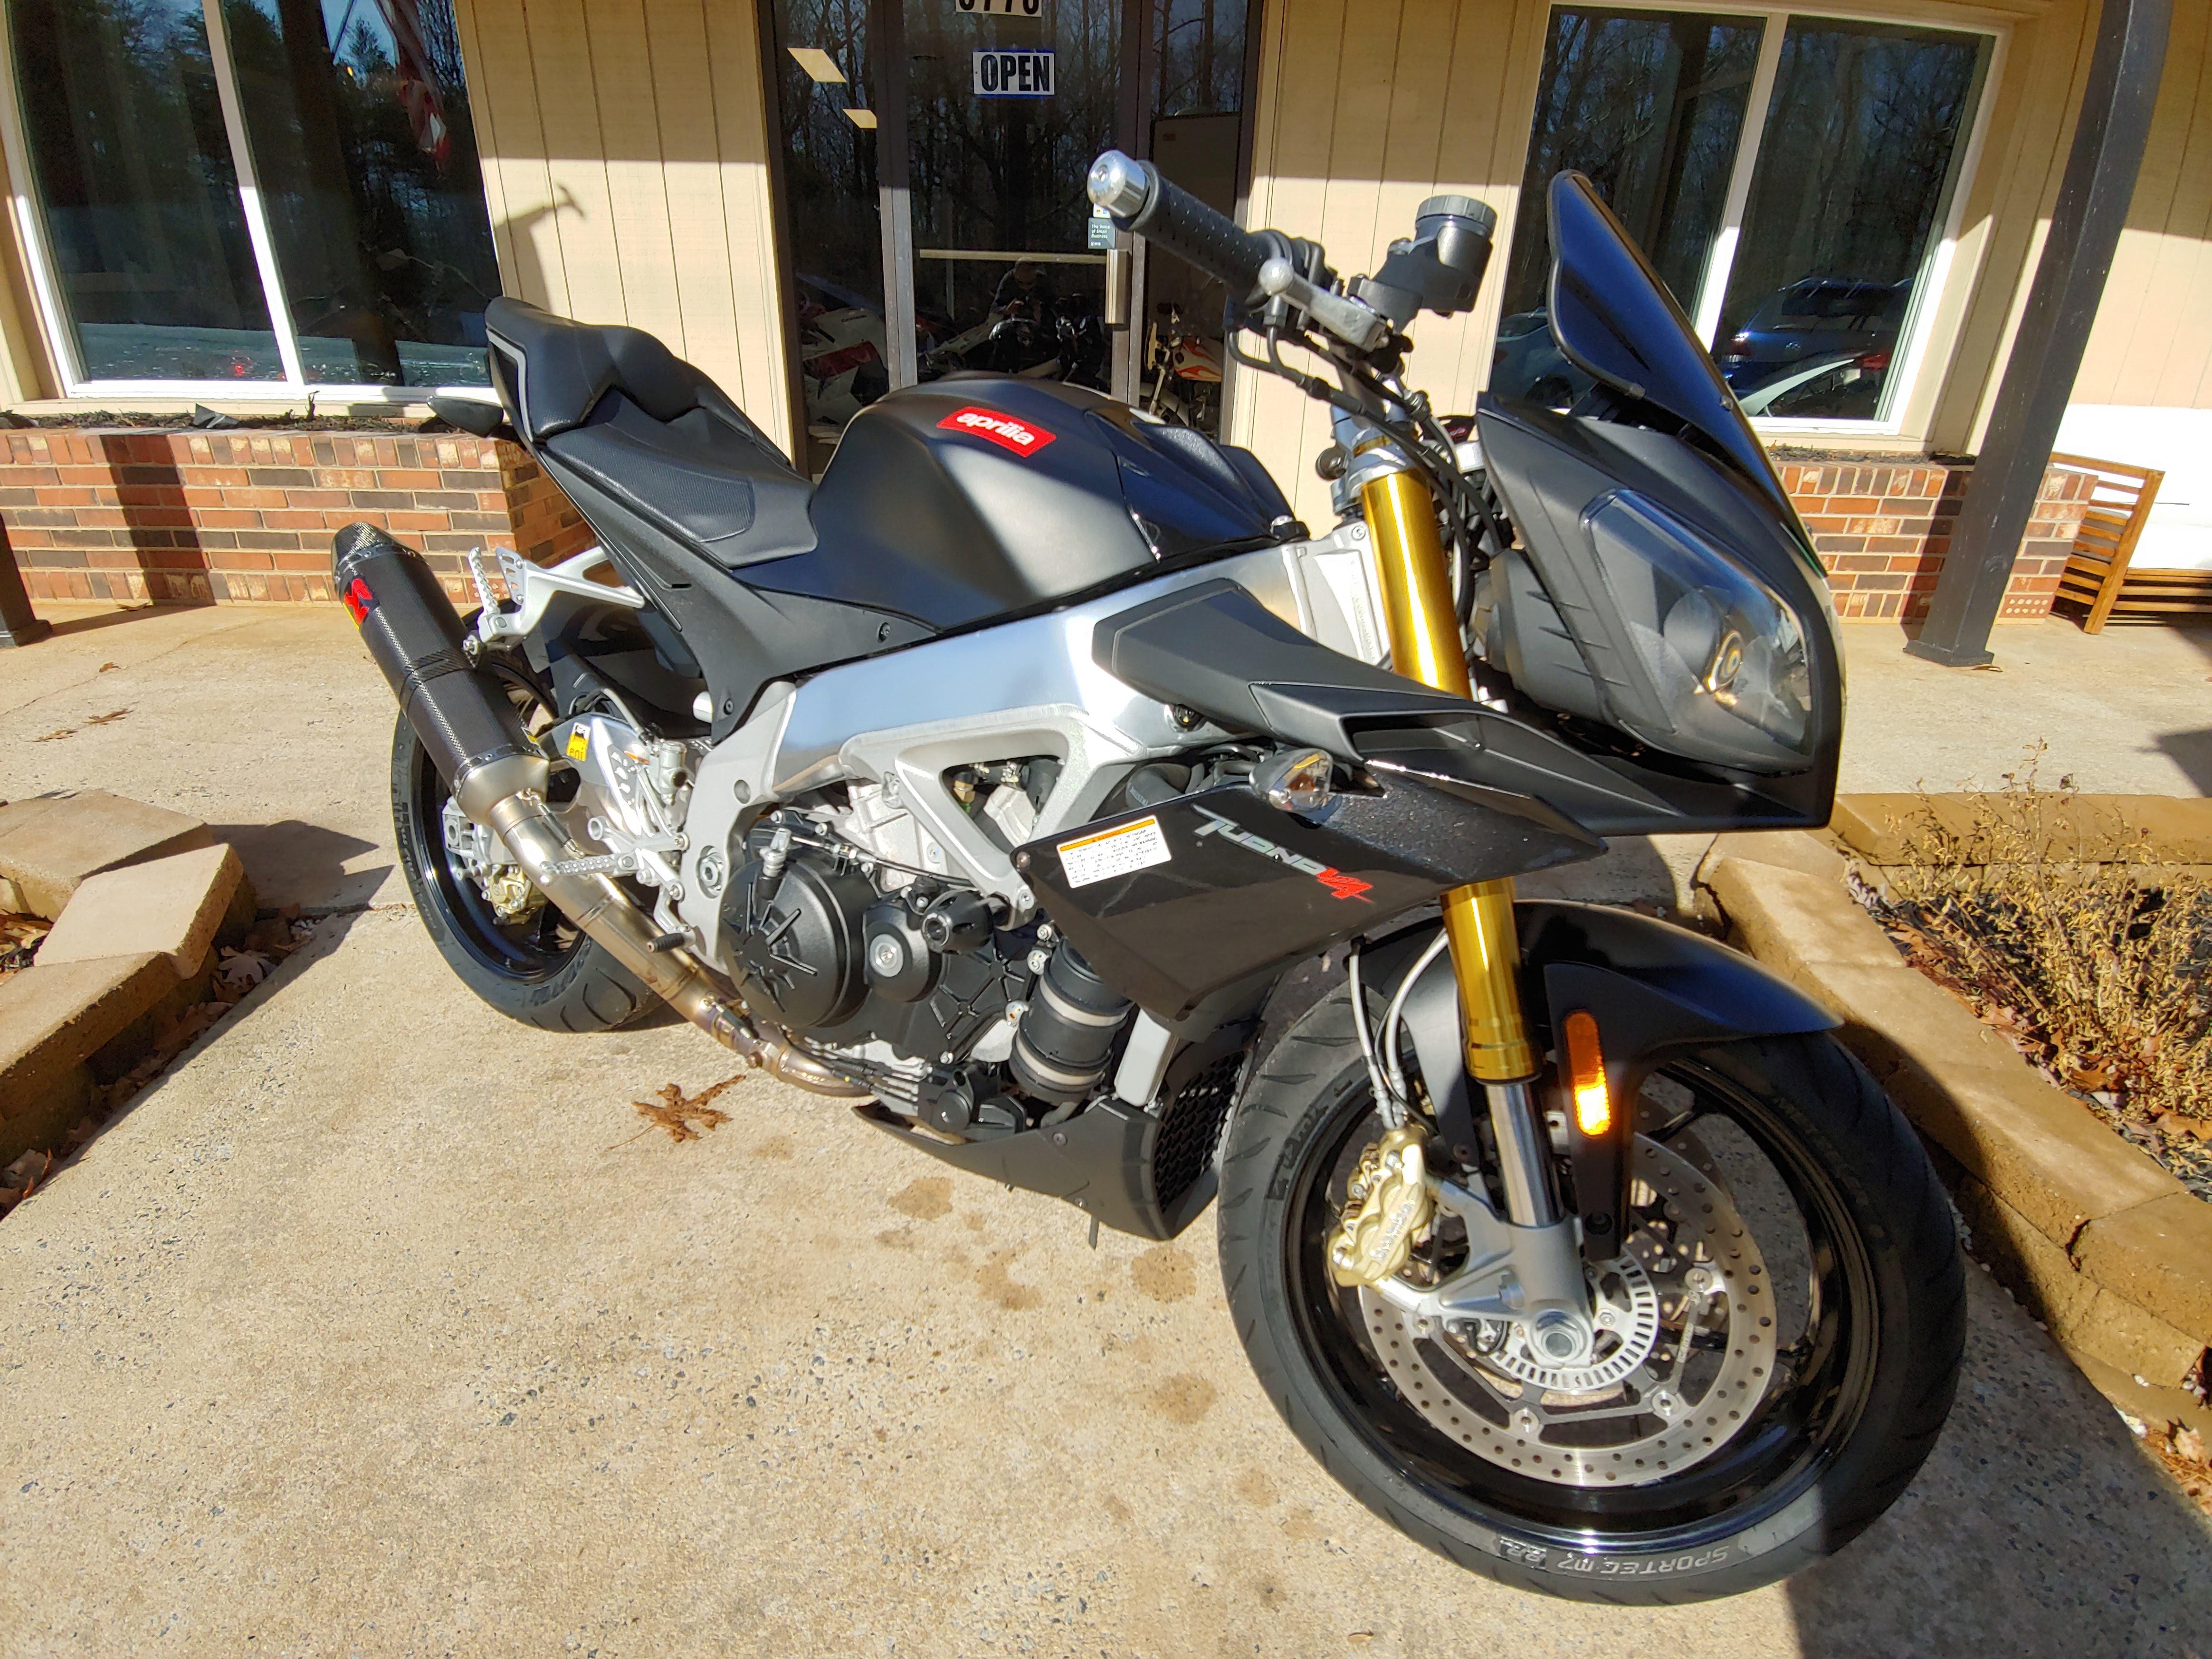 Buy 2013 Aprilia Tuono V4 R APRC Sportbike on 2040motos